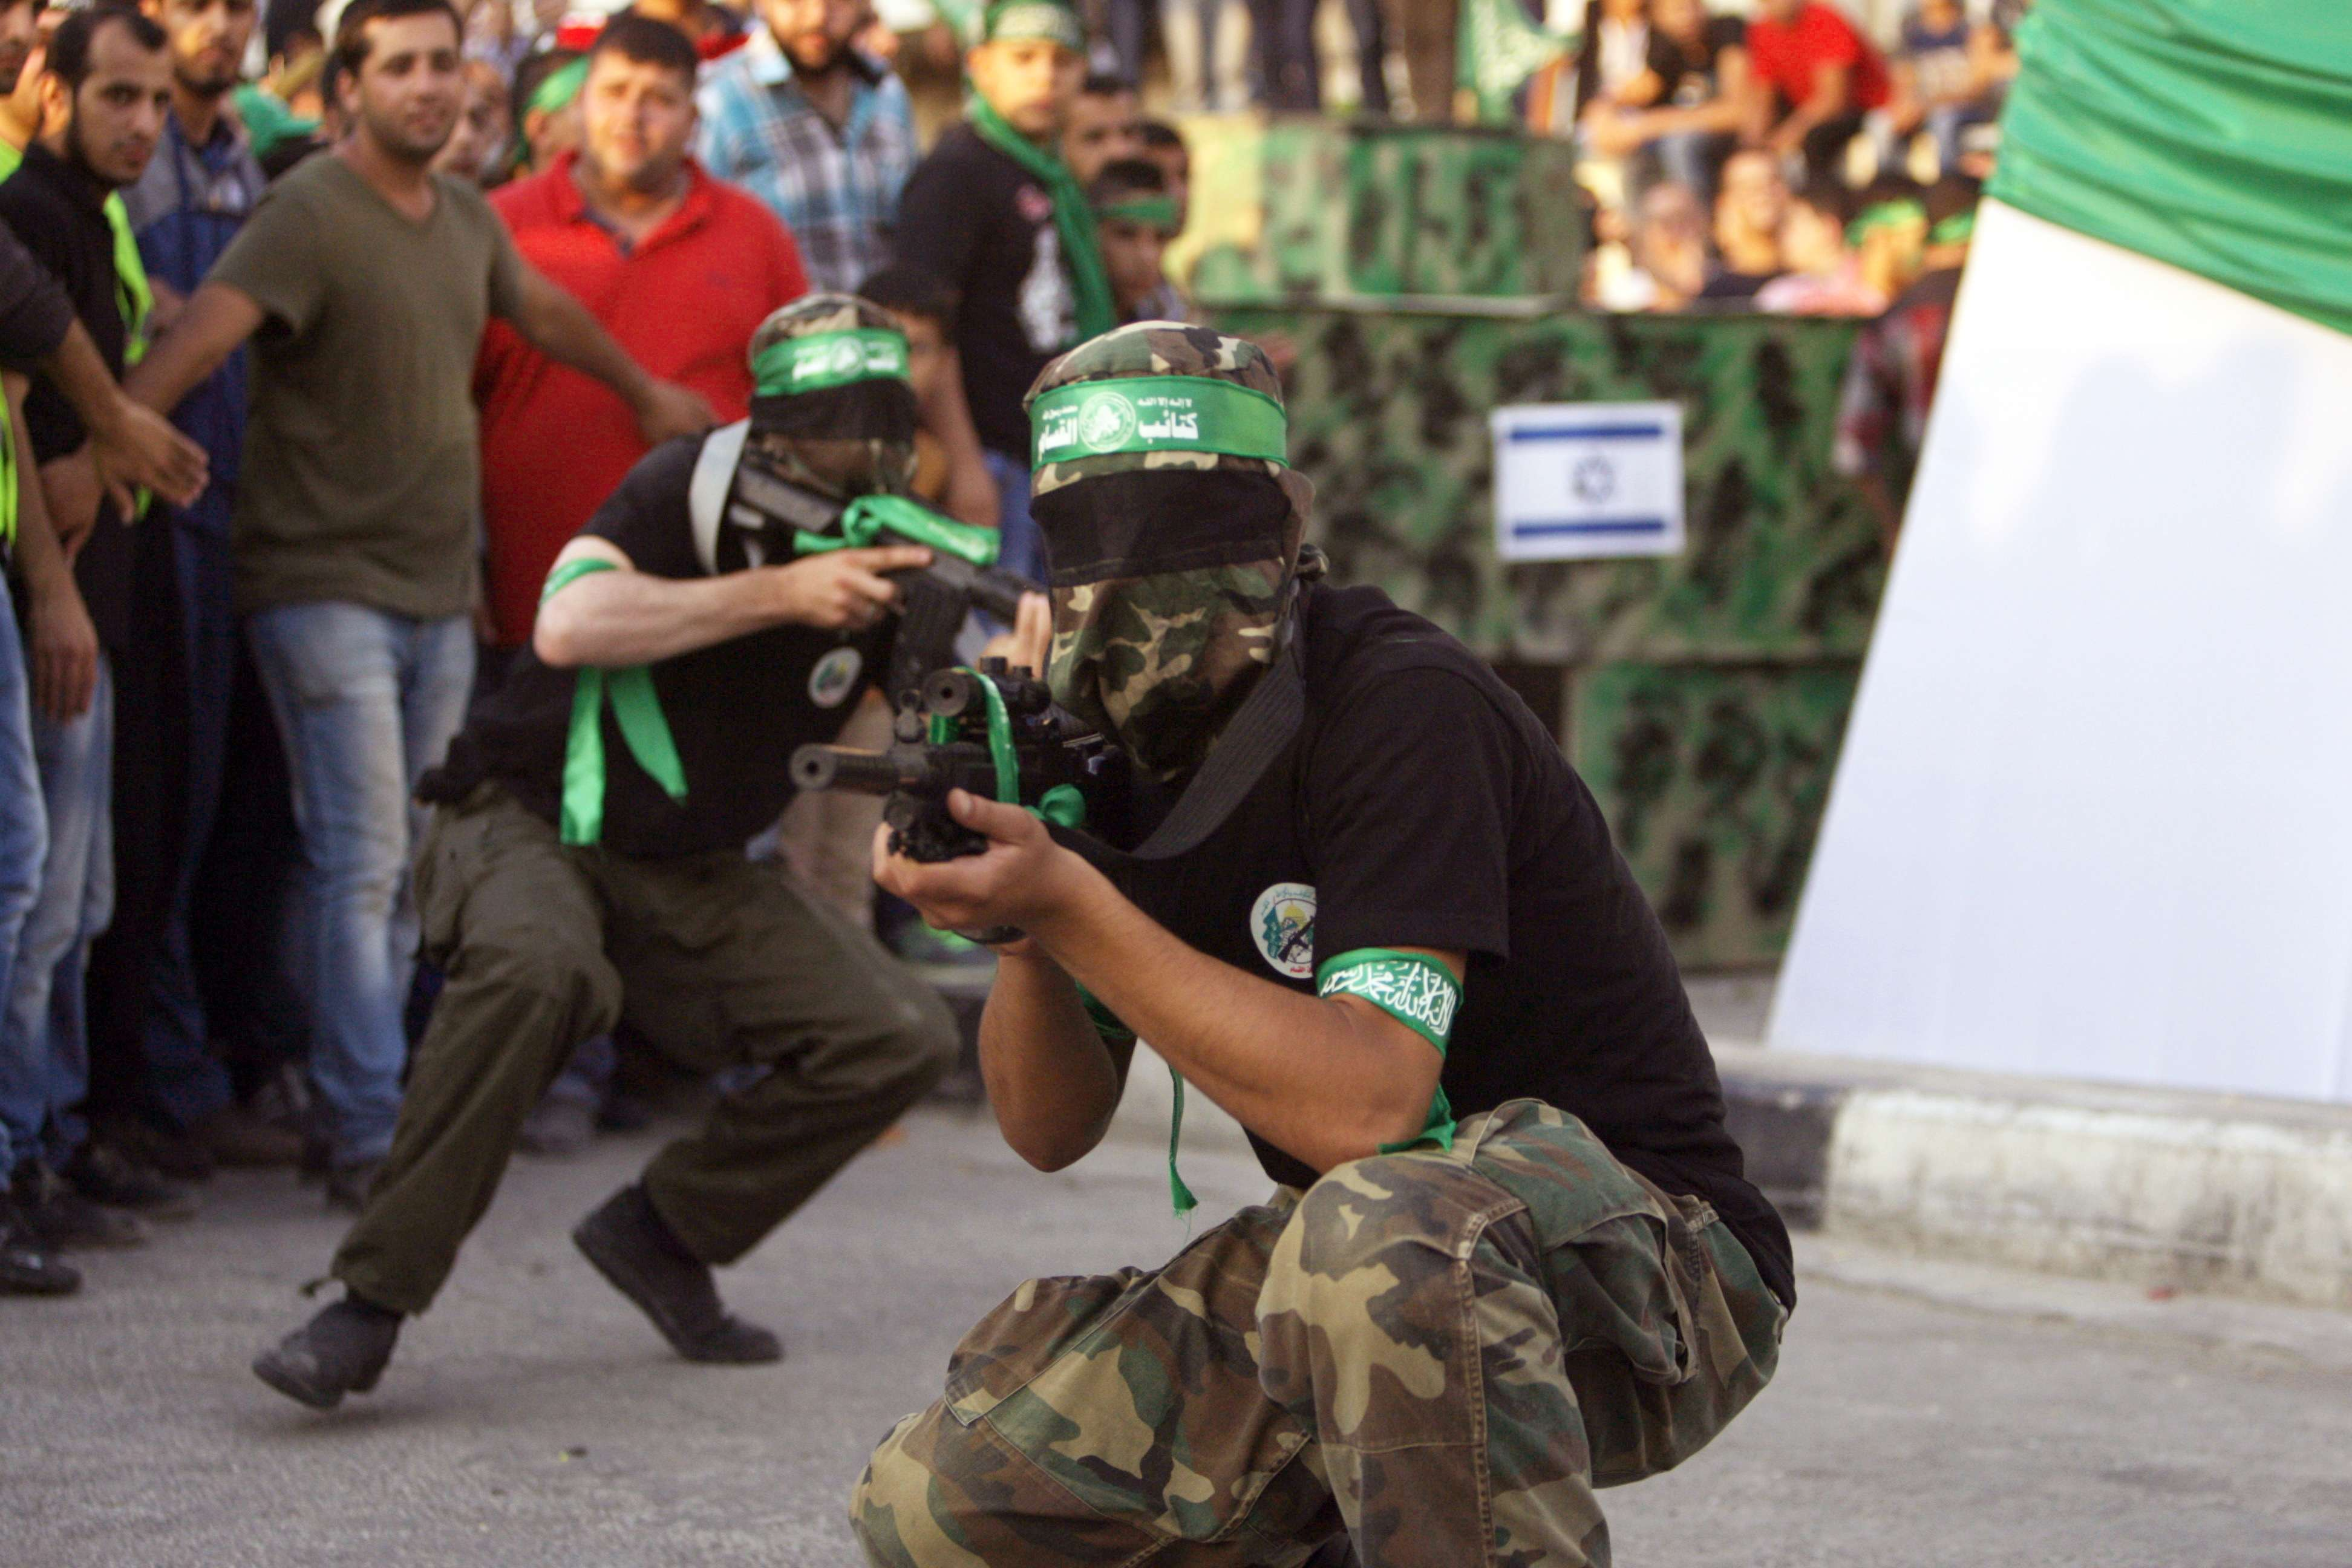 Miembros de Hamas muestran sus armas en la ciudad cisjordana de Nablus, en foto de archivo del 29 de agosto 2014. Foto: AP en español